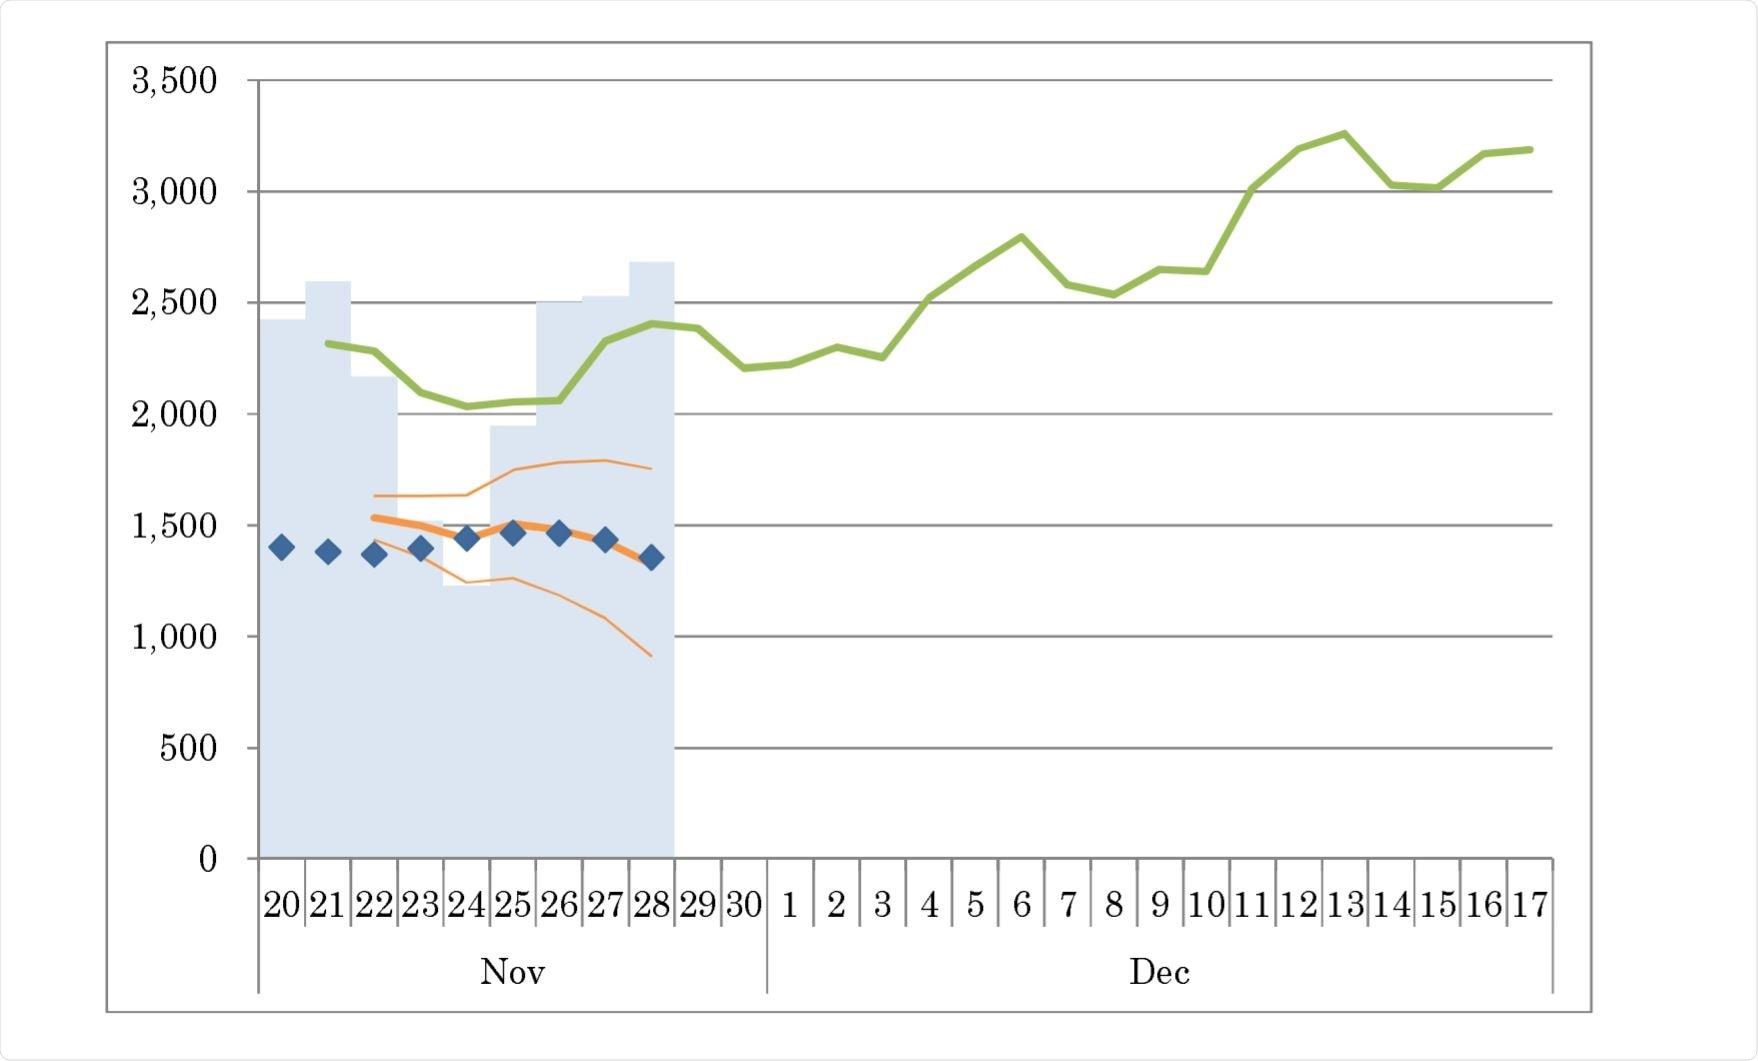 Curva epidémica, número de pacientes nuevamente confirmados cada día, y pronóstico por Google AI y nuestro modelo estadístico